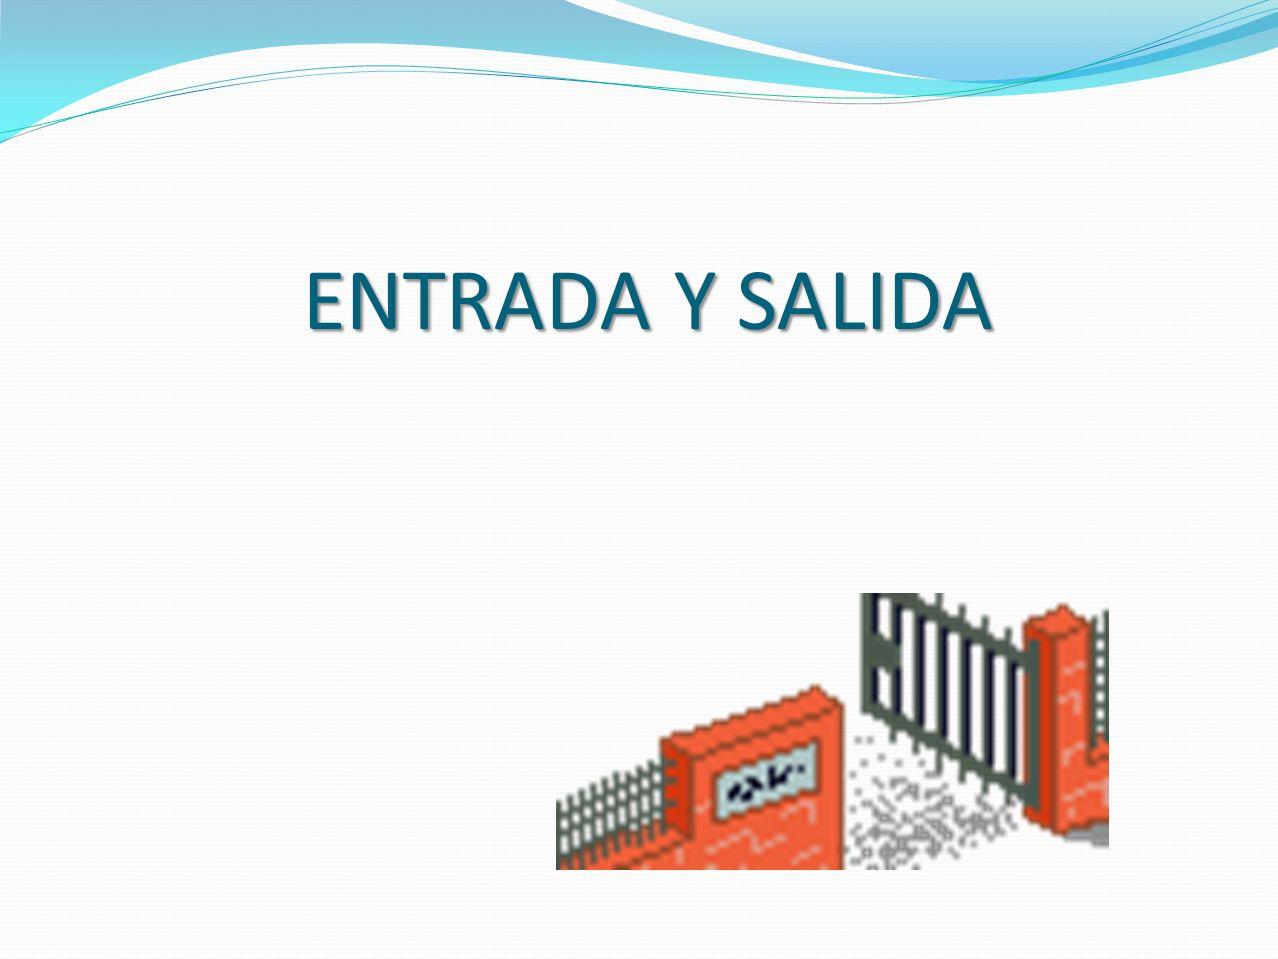 ENTRADA Y SALIDA